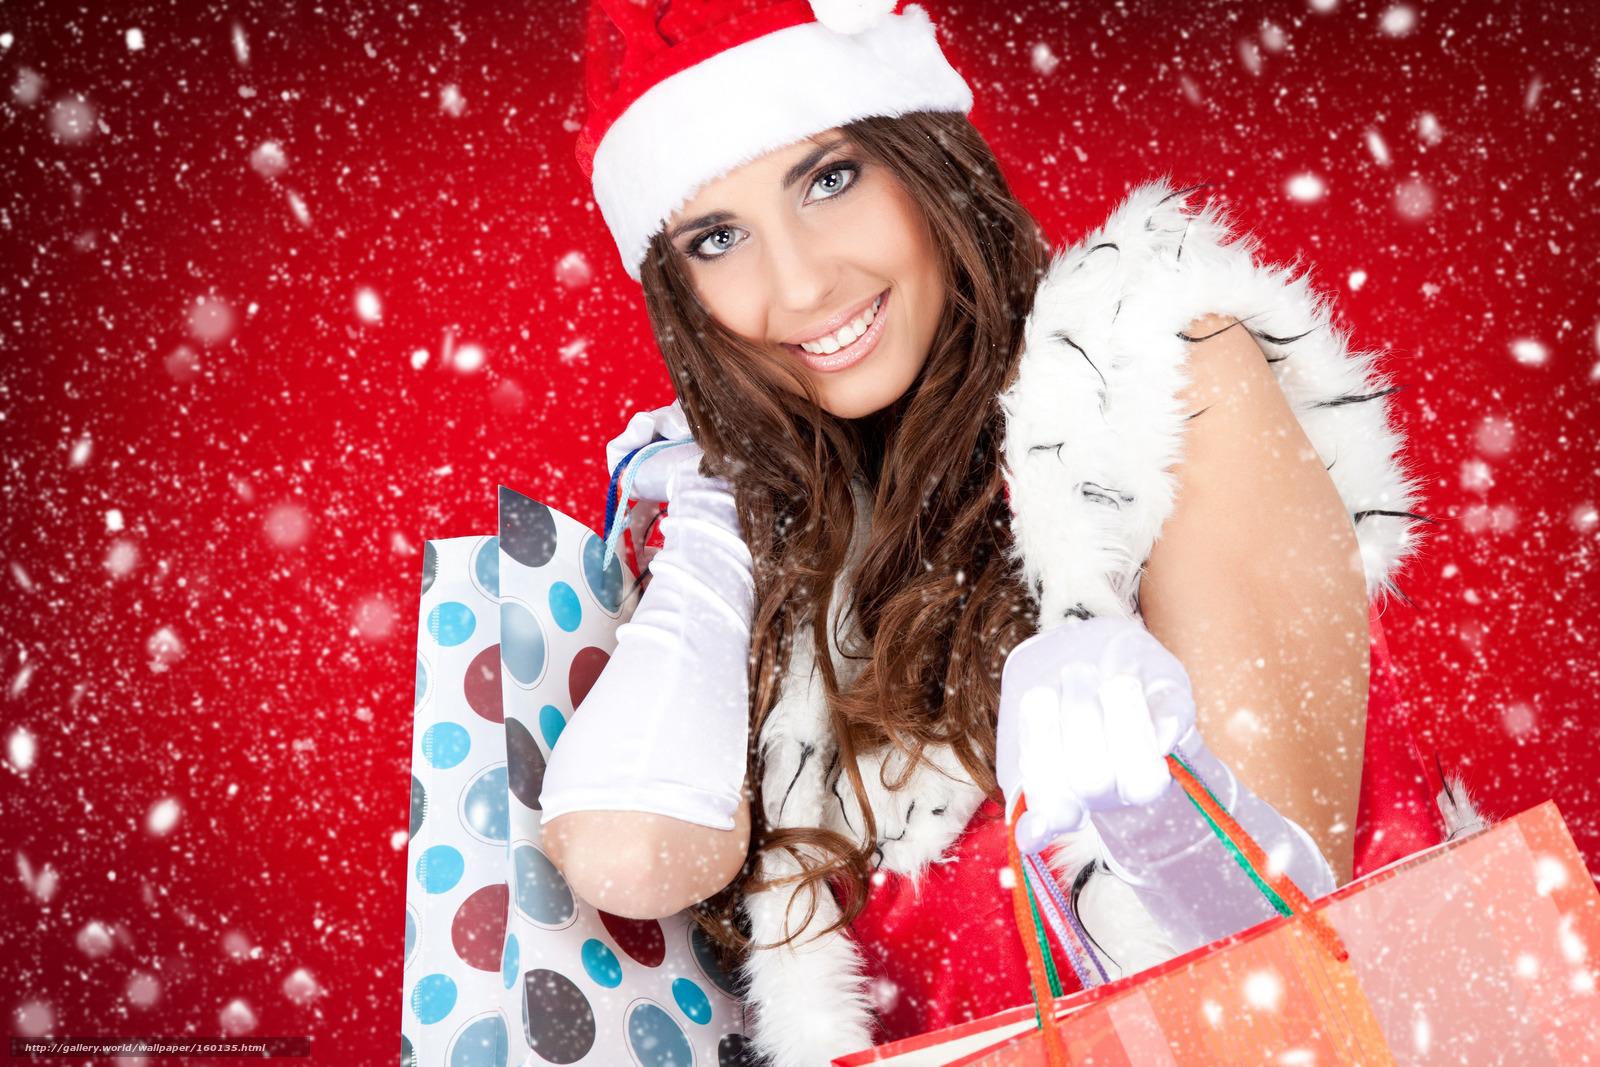 Tlcharger Fond d'ecran Nouvel An,  neige,  fille,  cadeaux Fonds d'ecran gratuits pour votre rsolution du bureau 4752x3168 — image №160135